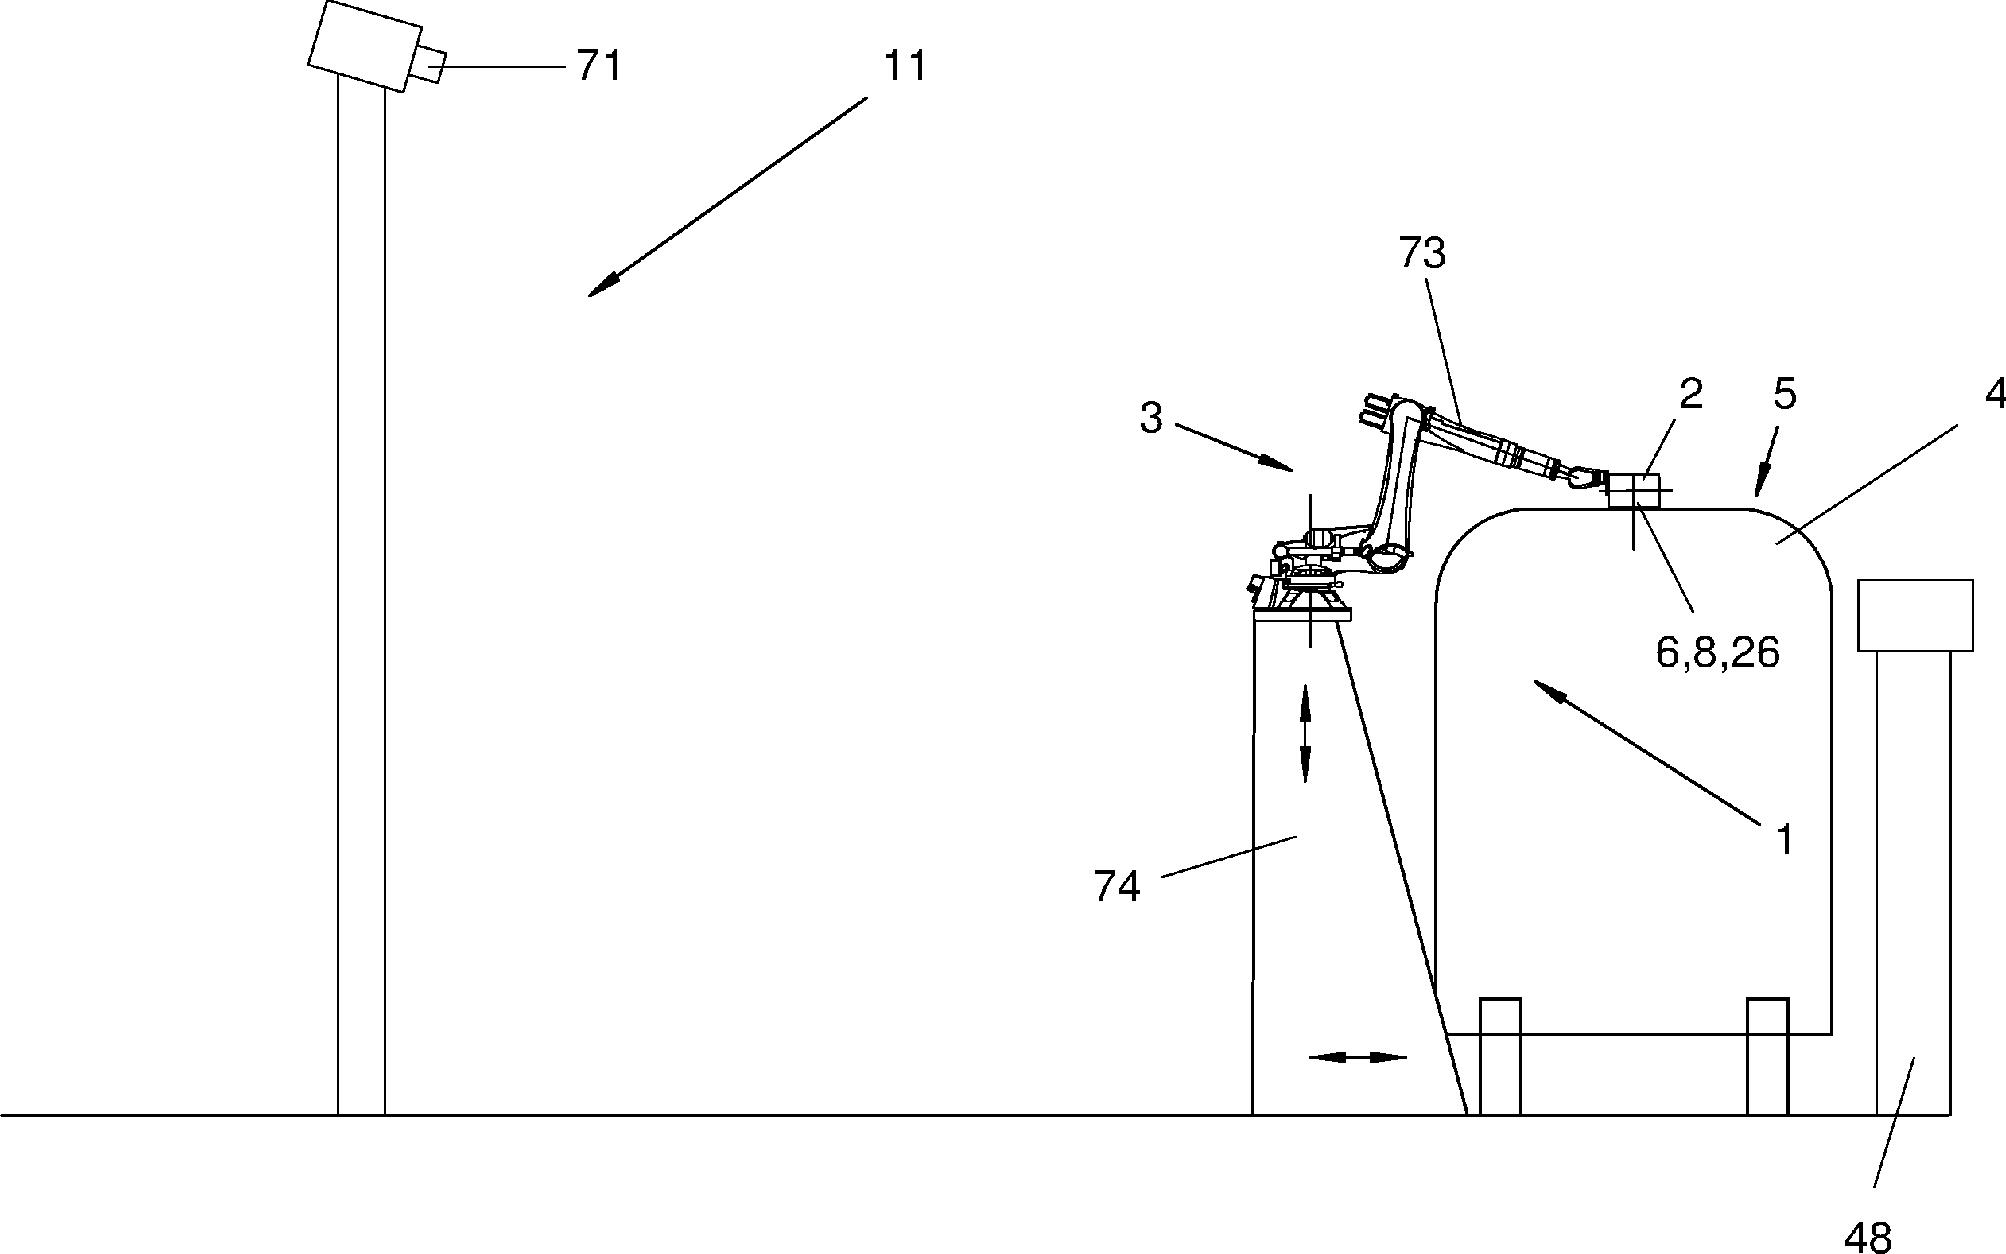 Figure DE202014104604U1_0001